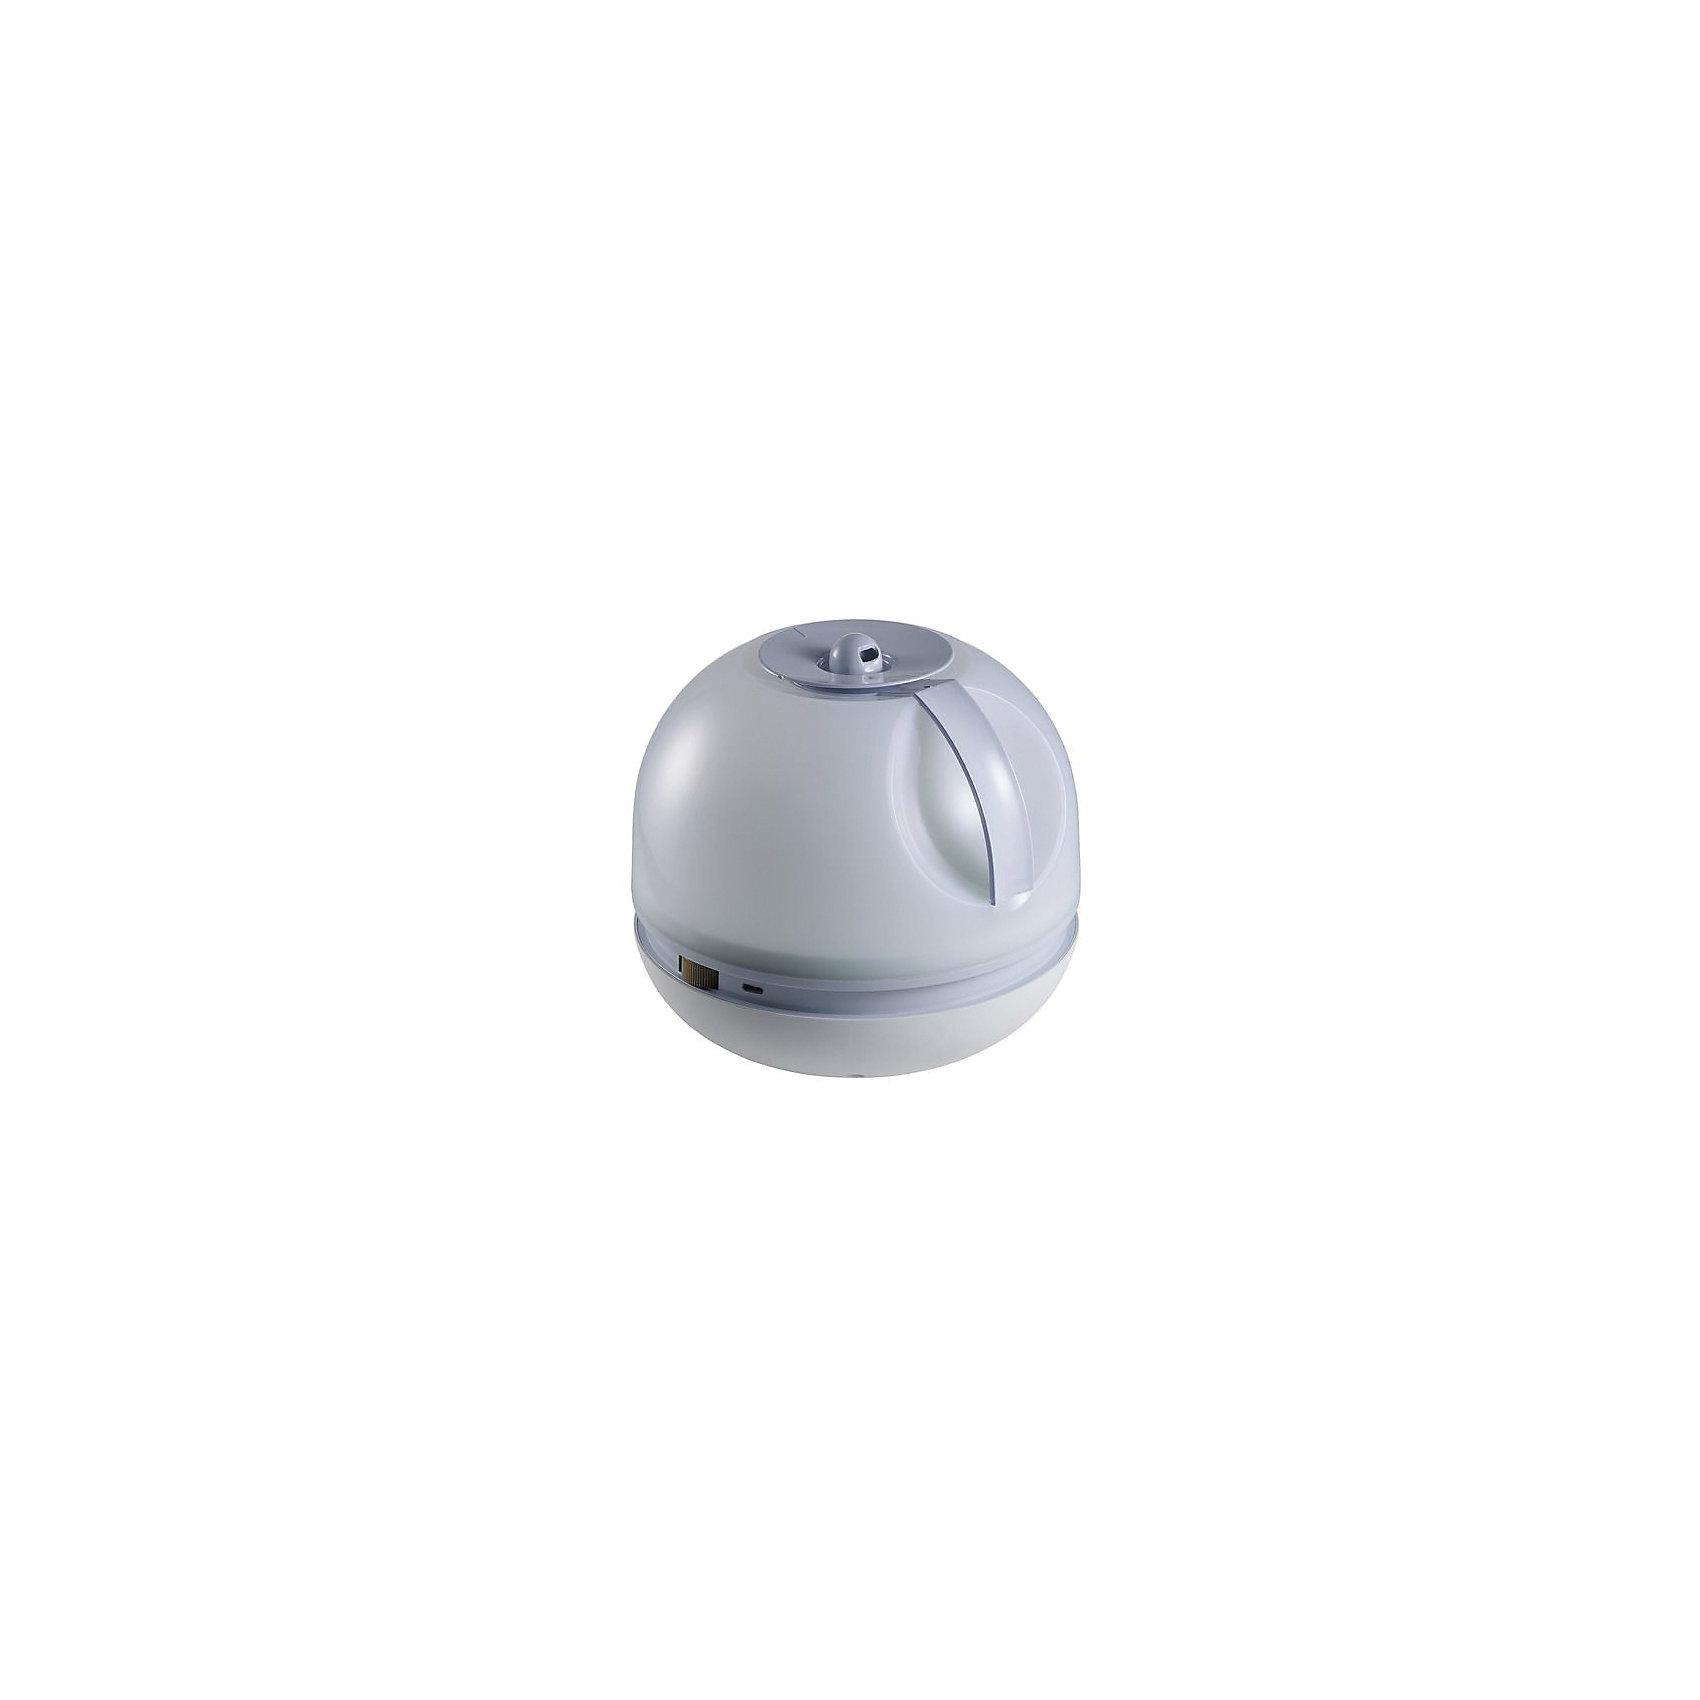 Увлажнитель воздуха ультразвуковой SILENSO, BeabaДетская бытовая техника<br>Увлажнитель воздуха ультразвуковой SILENSO, Beaba (Беаба)<br><br>Характеристики:<br><br>• увлажняет воздух, обеспечивая ребенку комфорт при дыхании<br>• вместительный резервуар 2,5 л<br>• система холодного пара<br>• работает до 20 часов<br>• бесшумный<br>• автоматическое отключение при низком уровне воды<br>• потребление энергии - 25 Ватт<br>• легко очистить<br>• расход воды: 260 мл/ч<br>• размер: 22х28х27 см<br>• вес: 1200 грамм<br><br>Чтобы предотвратить такие болезни как бронхит, конъюнктивит и аллергия, необходимо регулярно увлажнять воздух в детской комнате. С этой задачей отлично справится ультразвуковой увлажнитель воздуха SILENSO Beaba. Полностью заполненного резервуара (2,5 л) хватает на 20 часов работы. При этом увлажнитель работает бесшумно, достигая уровня в 35 Дб. При низком уровне воды увлажнитель отключается автоматически. Увлажнитель SILENSO - для заботы о здоровье малыша!<br><br>Увлажнитель воздуха ультразвуковой SILENSO, Beaba (Беаба) вы можете купить в нашем интернет-магазине.<br><br>Ширина мм: 240<br>Глубина мм: 240<br>Высота мм: 215<br>Вес г: 1920<br>Возраст от месяцев: -2147483648<br>Возраст до месяцев: 2147483647<br>Пол: Унисекс<br>Возраст: Детский<br>SKU: 5445733